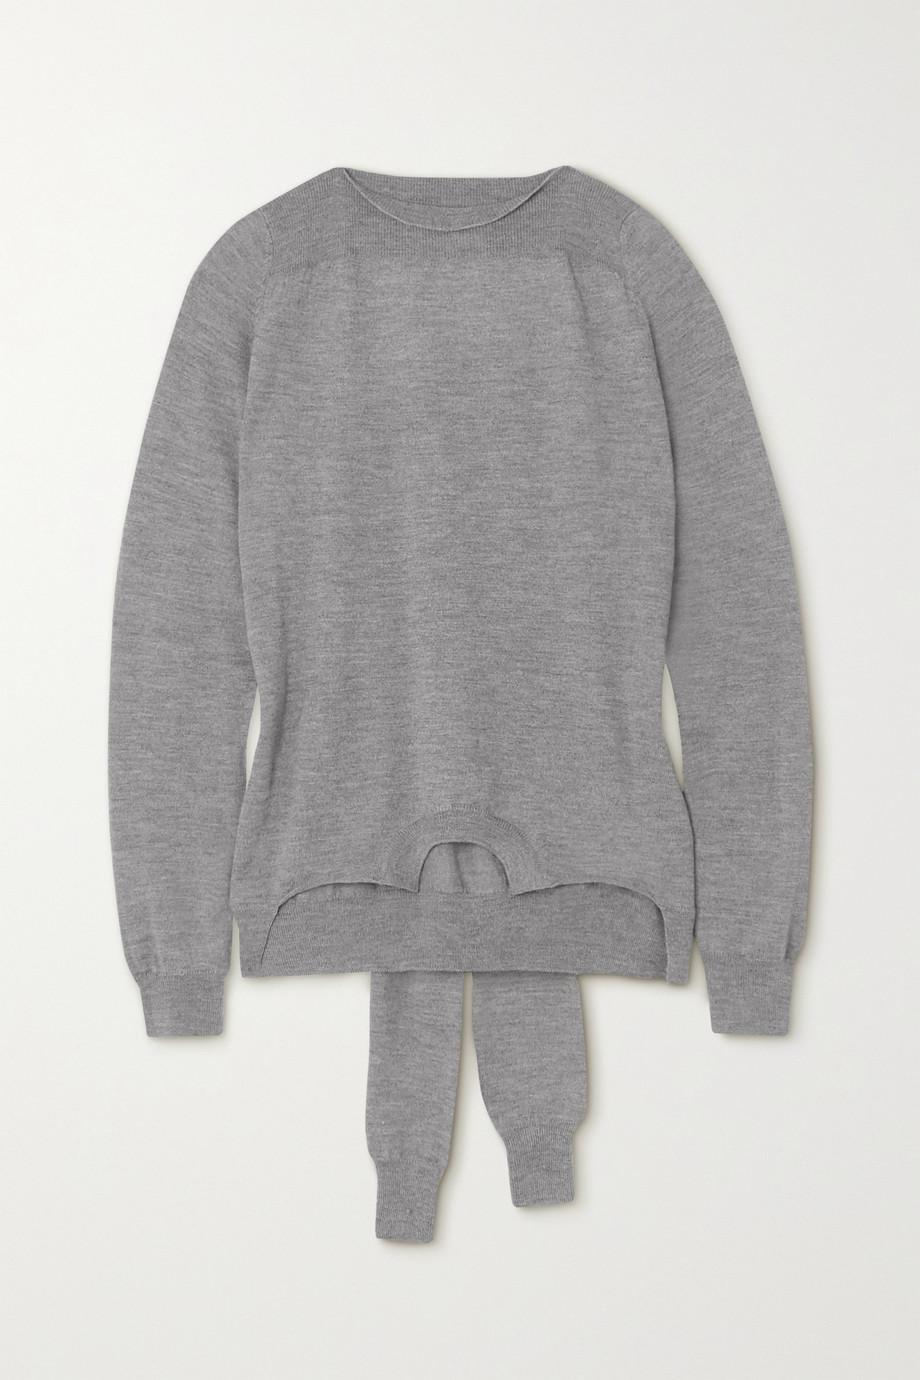 MM6 Maison Margiela Pullover aus melierter Wolle zum Binden